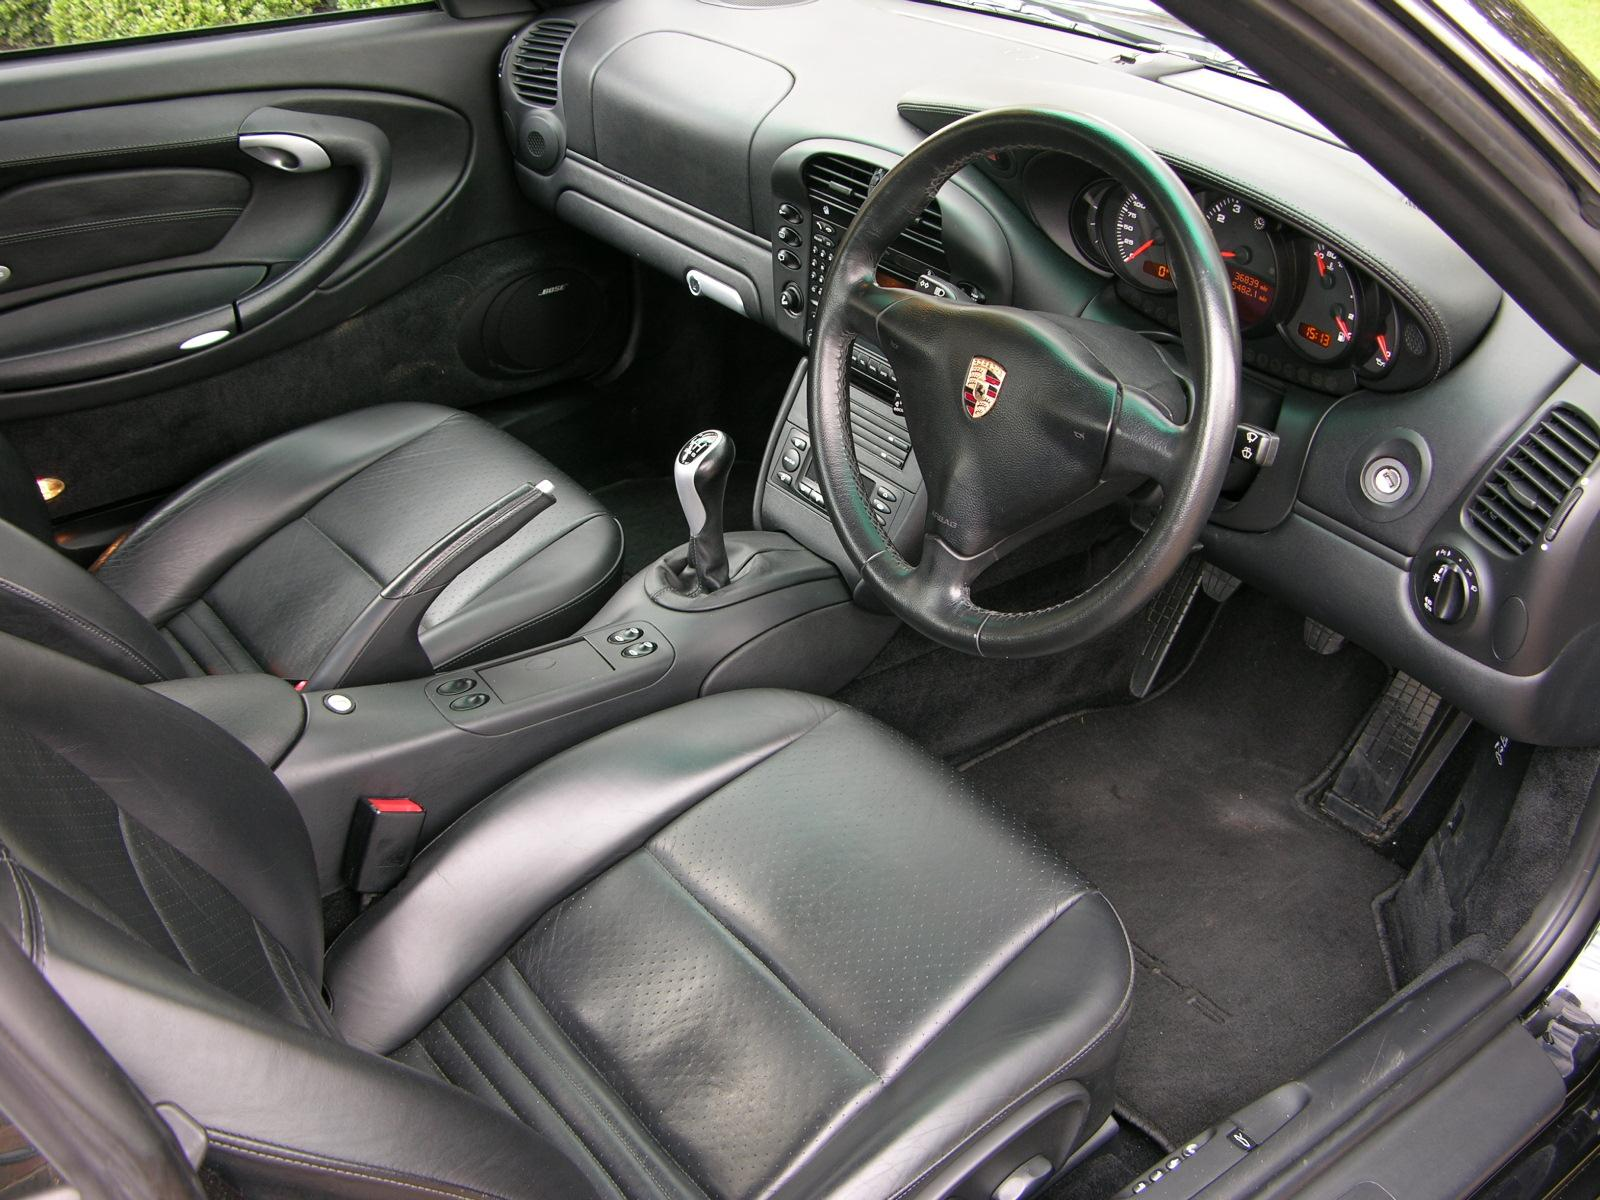 file 2003 porsche 911 carrera 4s flickr the car spy 24